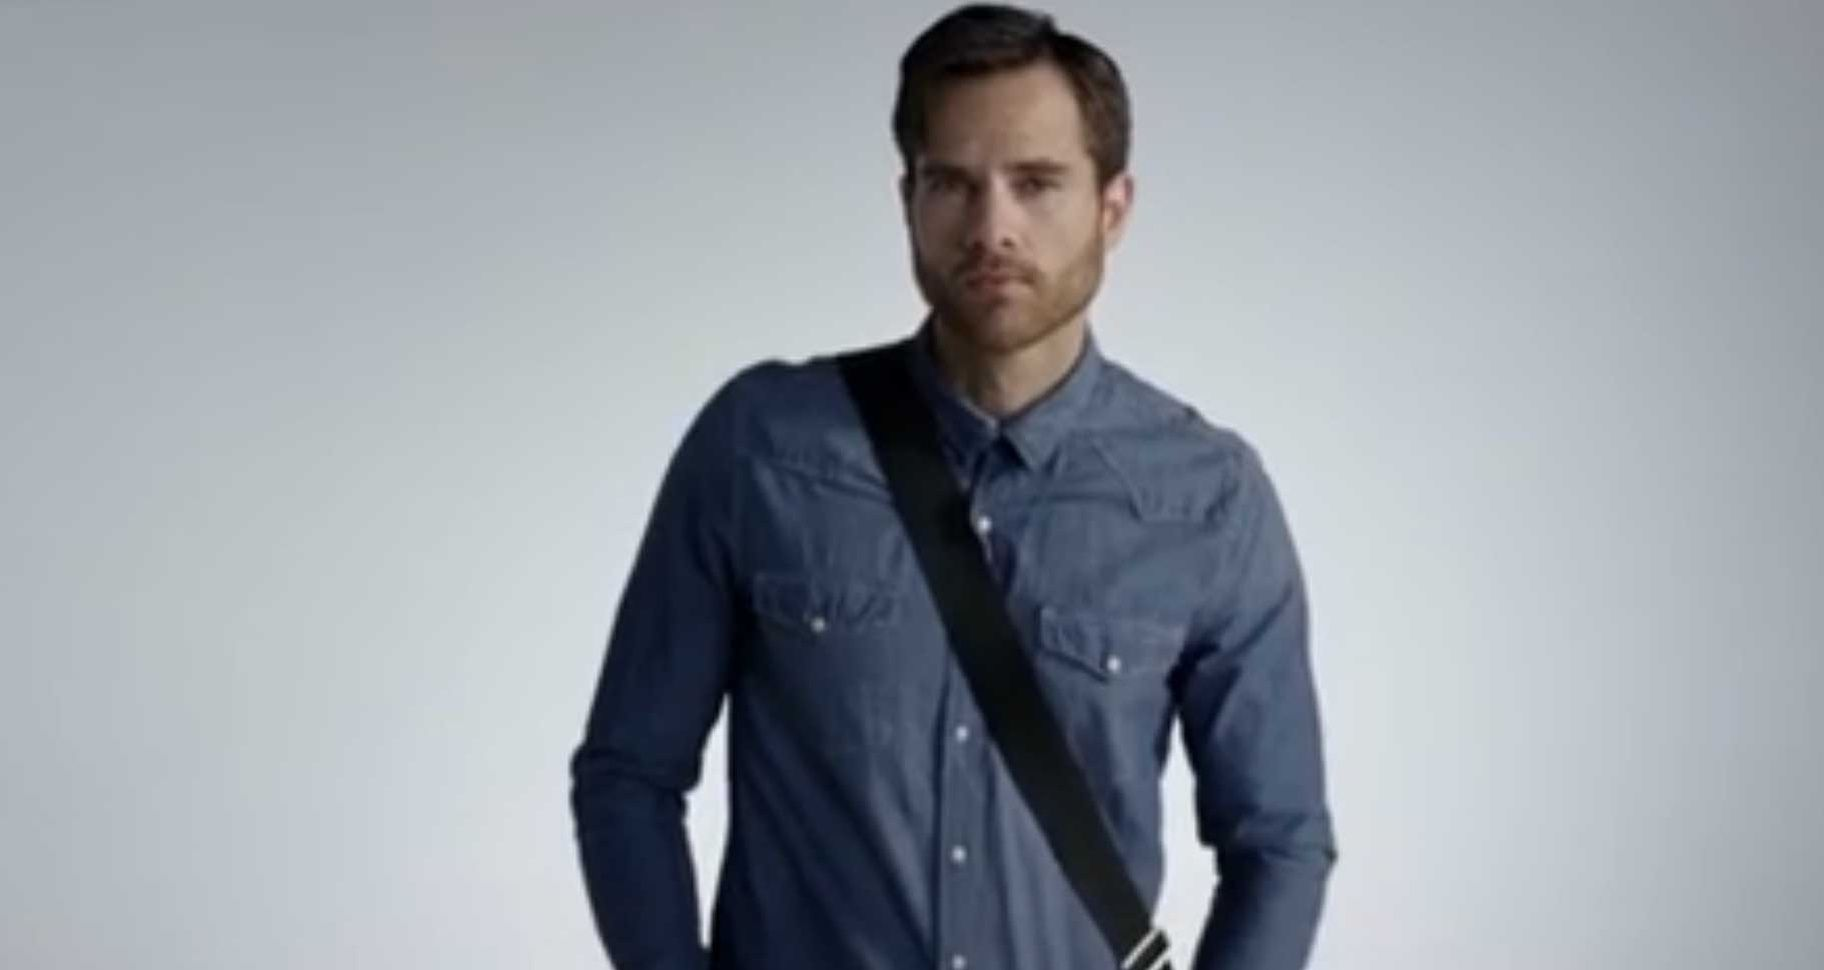 Regardez 100 ans de mode masculine en 3 minutes